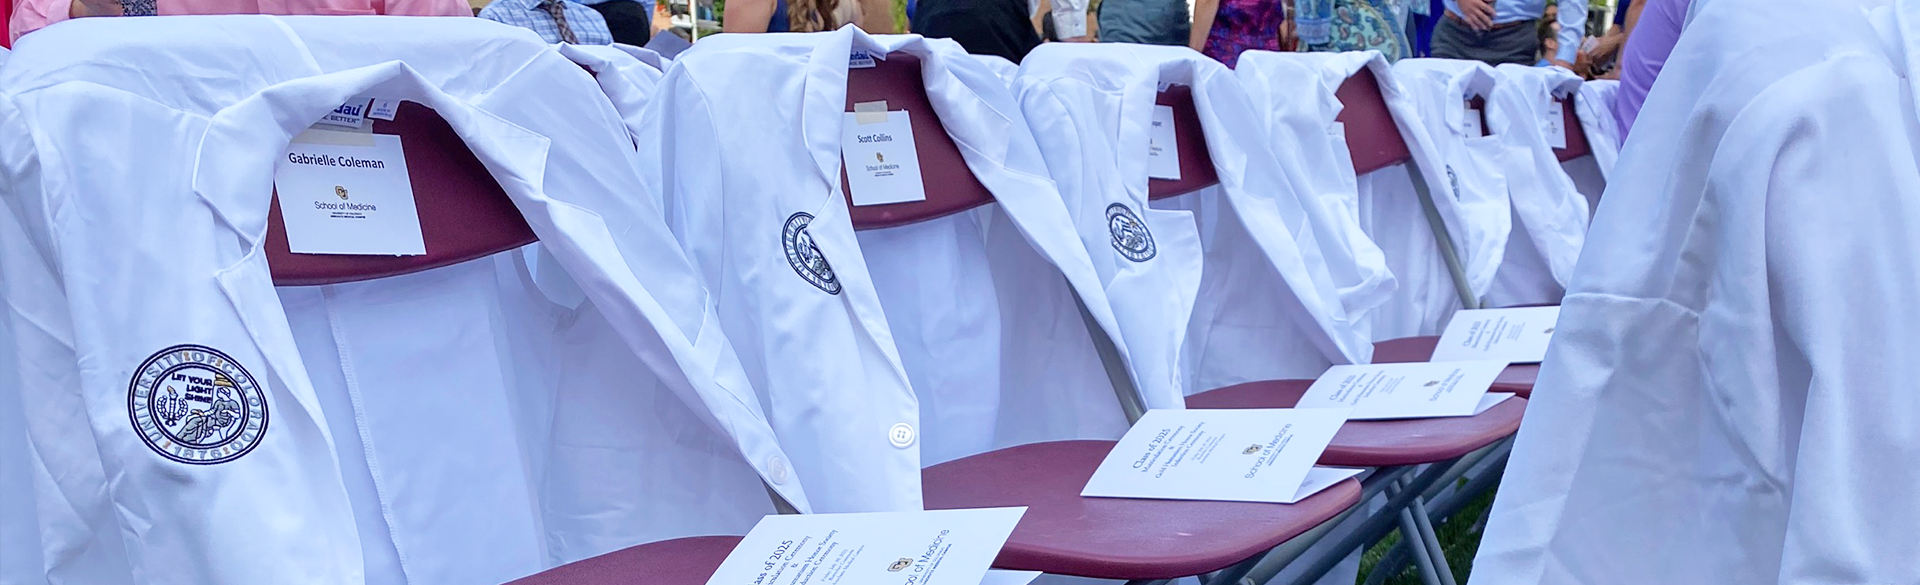 CU School of Medicine's Class of 2025